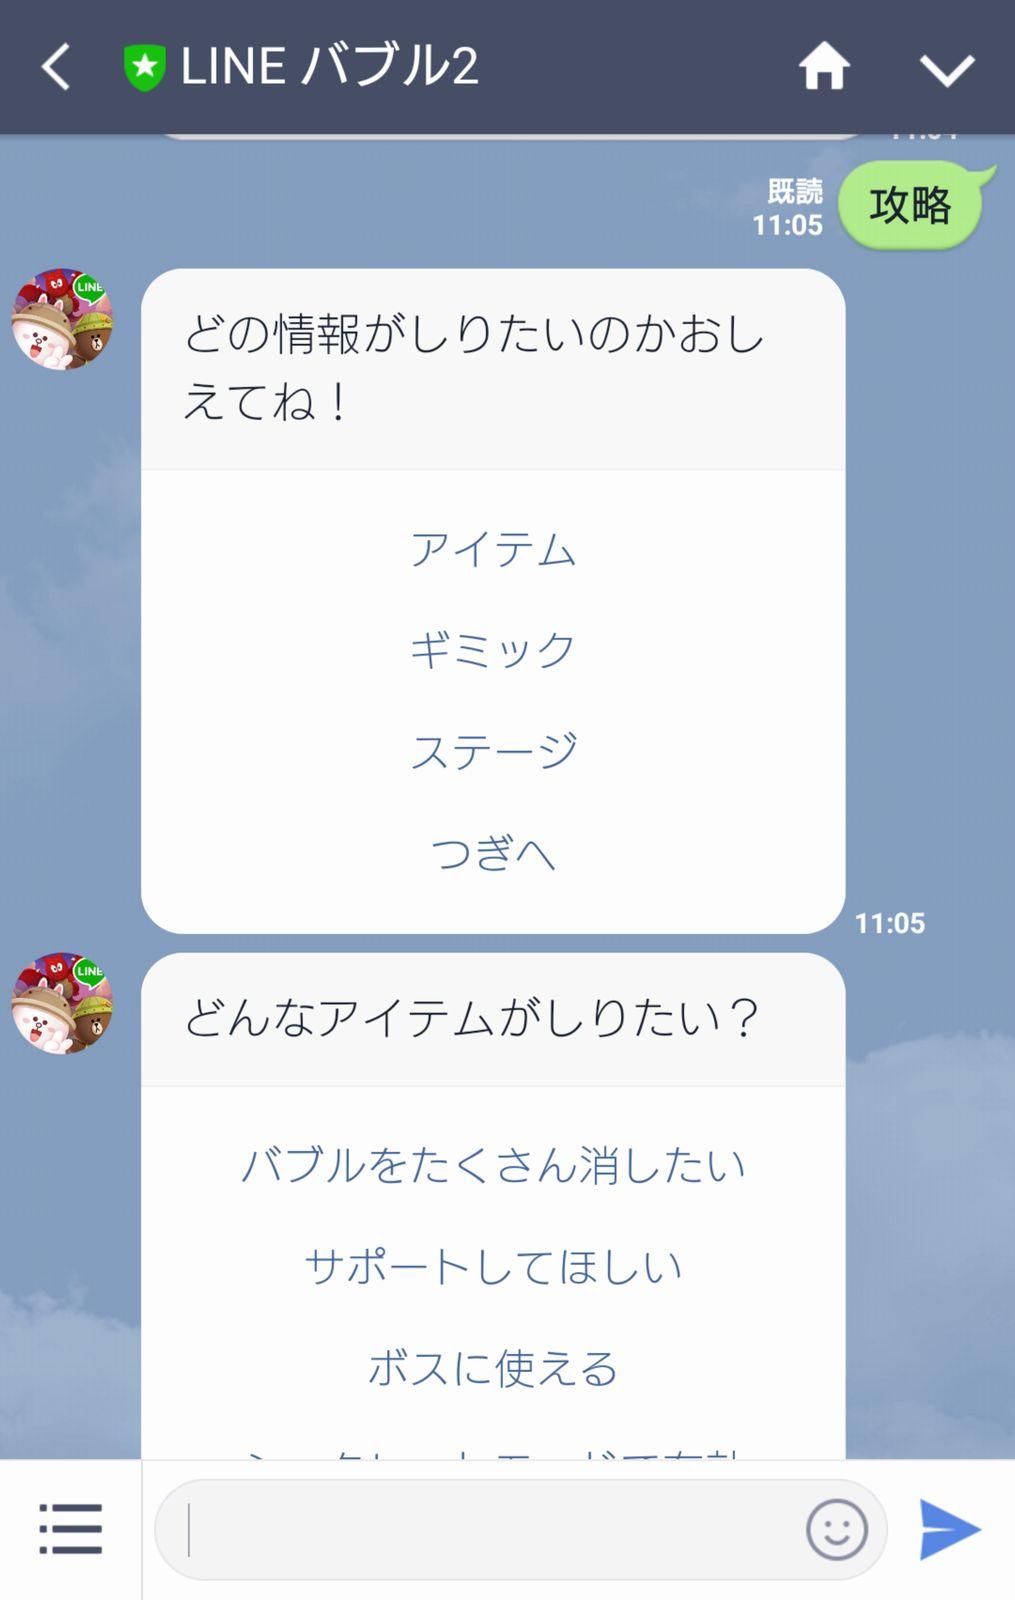 LINE バブル2【攻略】: LINE公式アカウントを活用しよう!